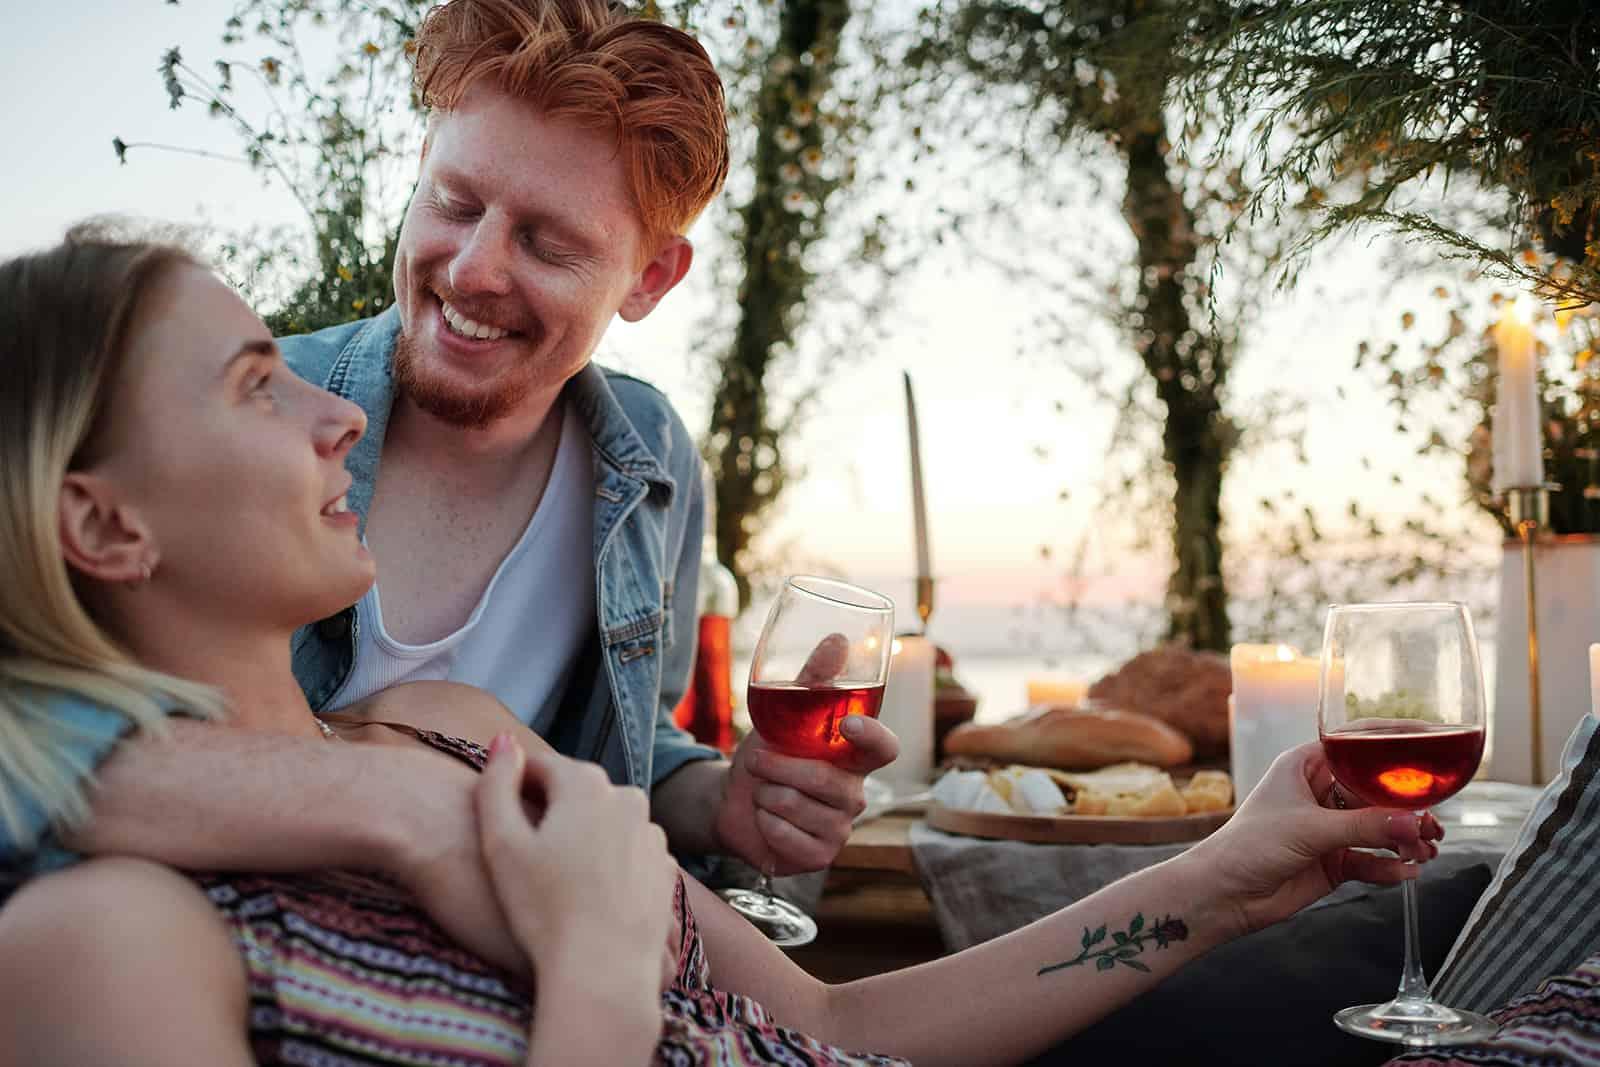 ein glückliches Paar, das während des romantischen Abendessens Wein trinkt